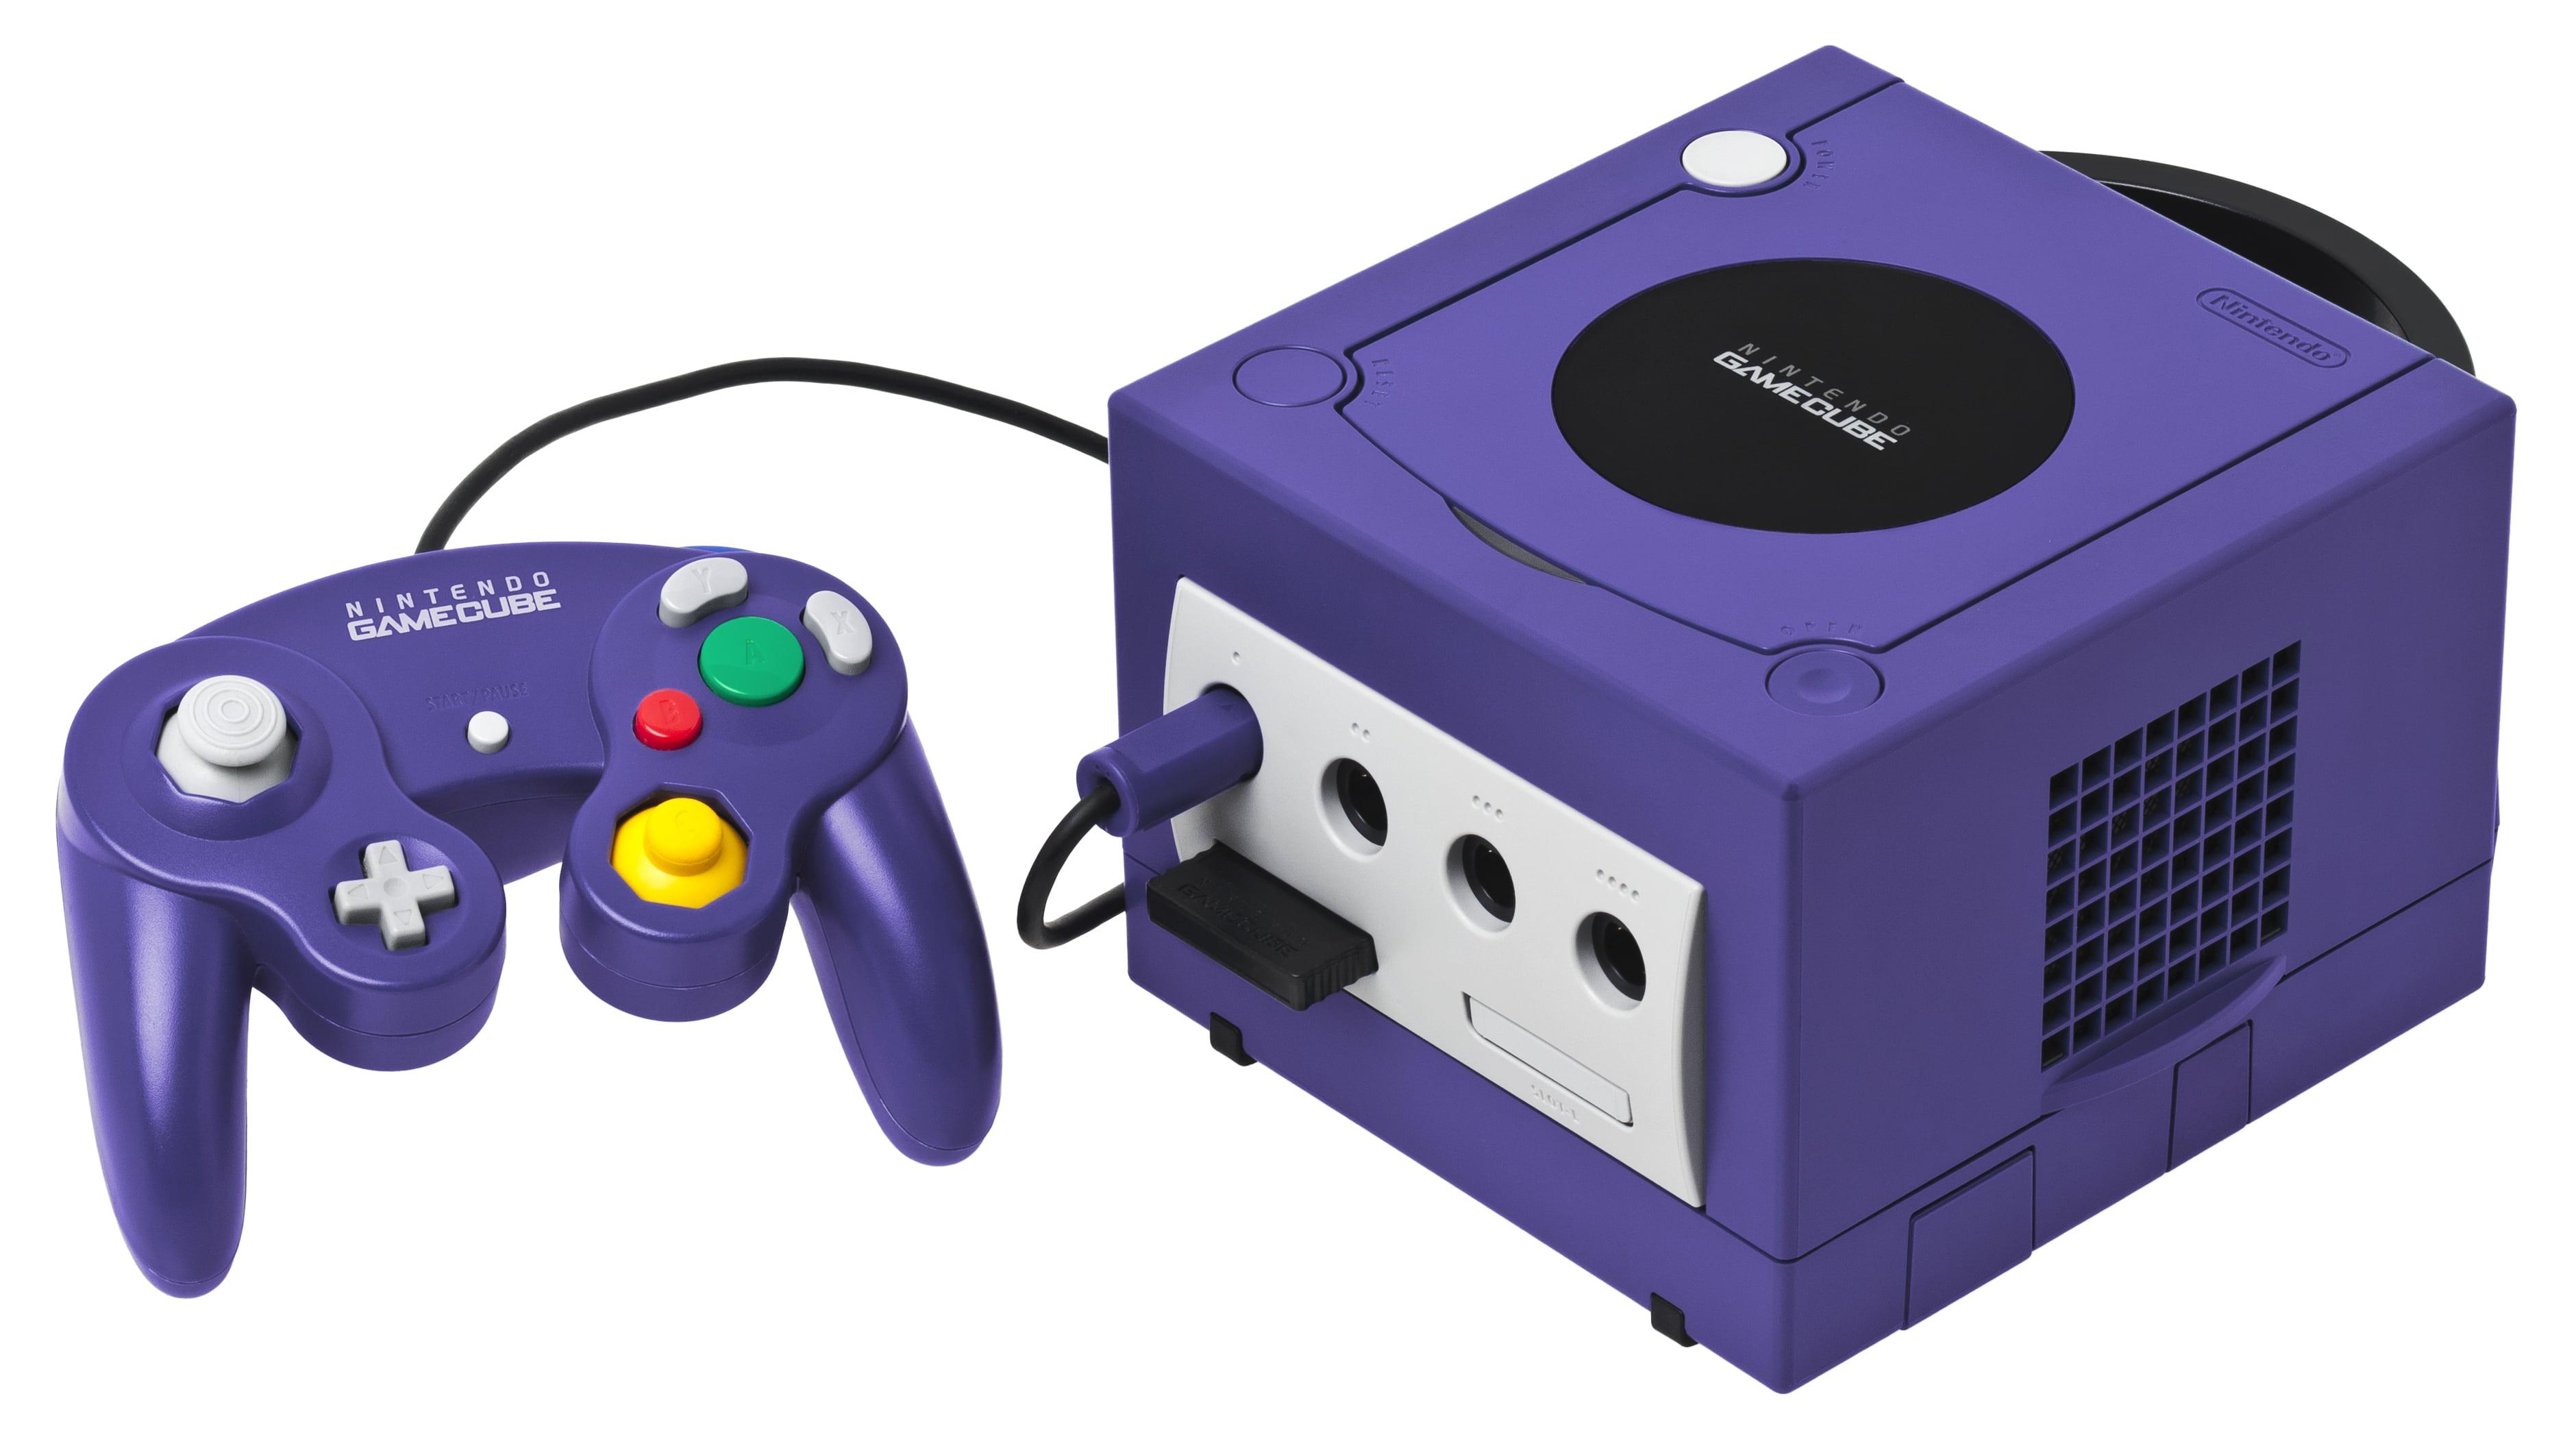 gamecube ultimate setup - Ultimate Setup - czyli jak czerpać pełnię wrażeń z danej konsoli.